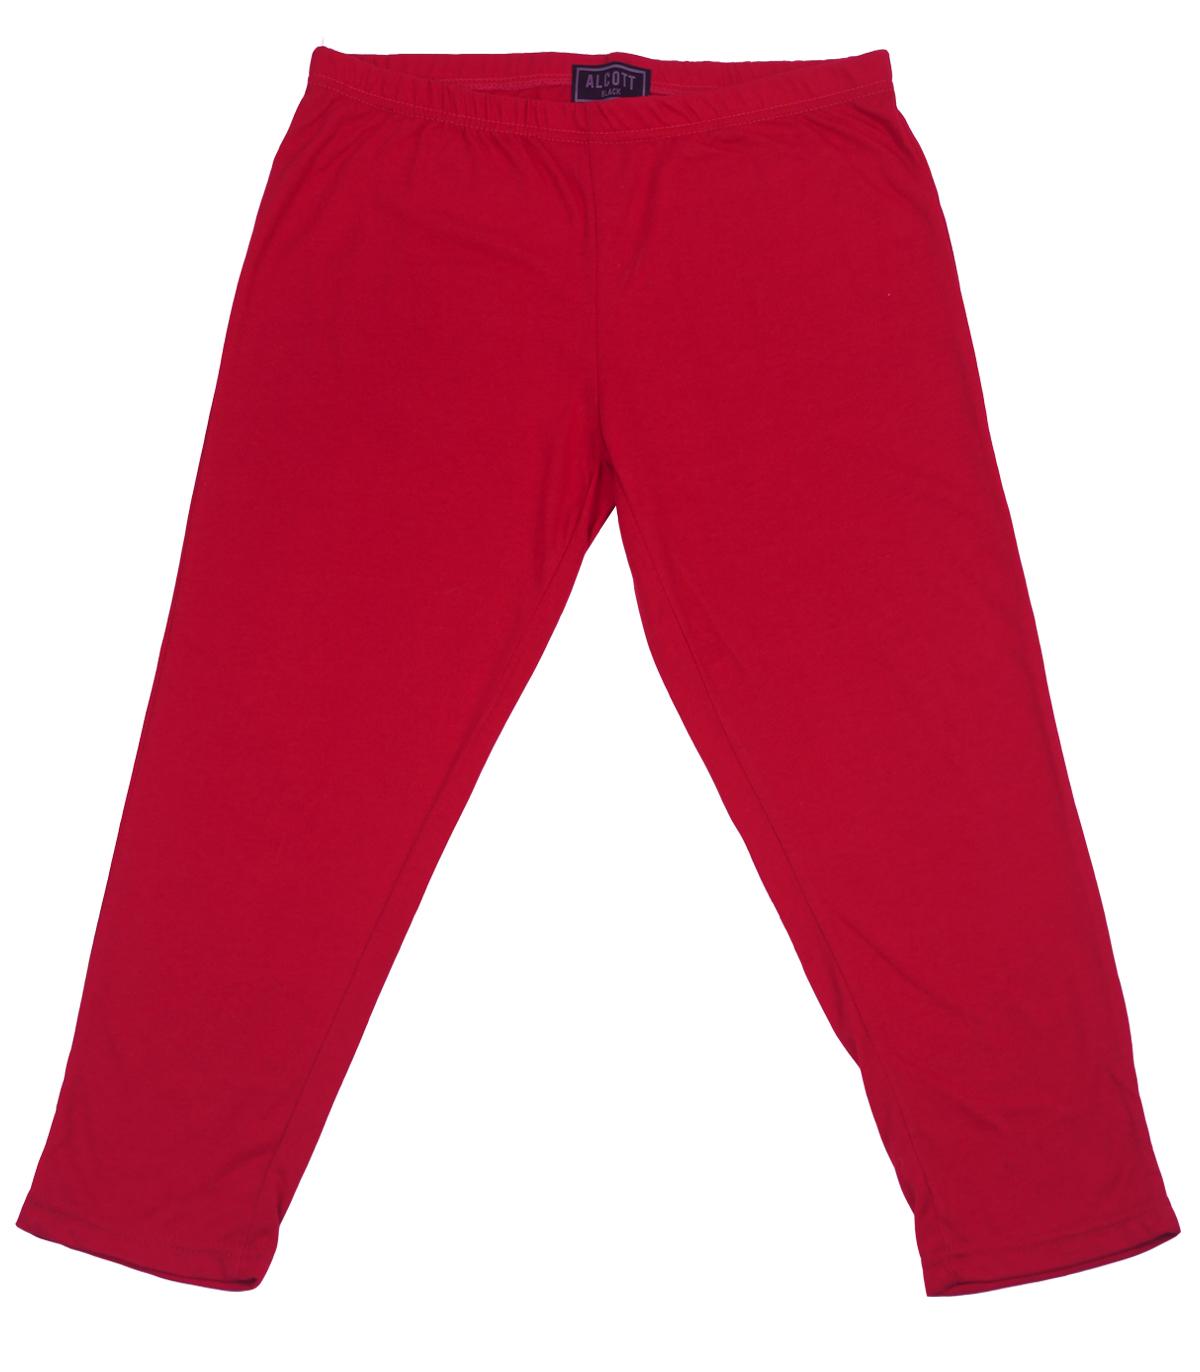 Красные бриджи Alcott Black